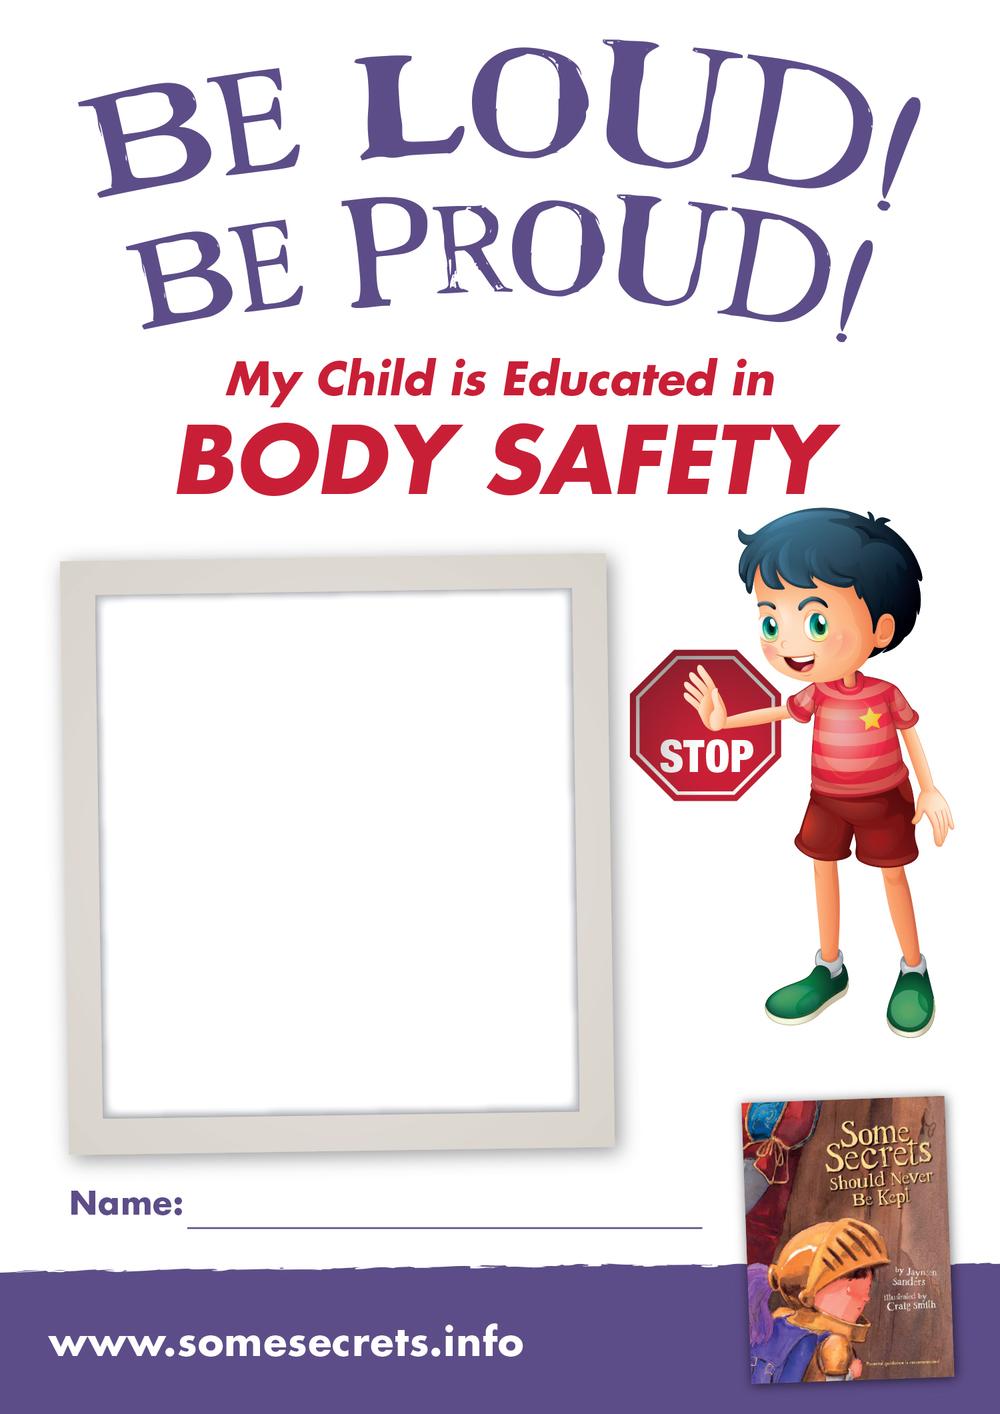 SS_BeLoud_Poster_A4.jpg